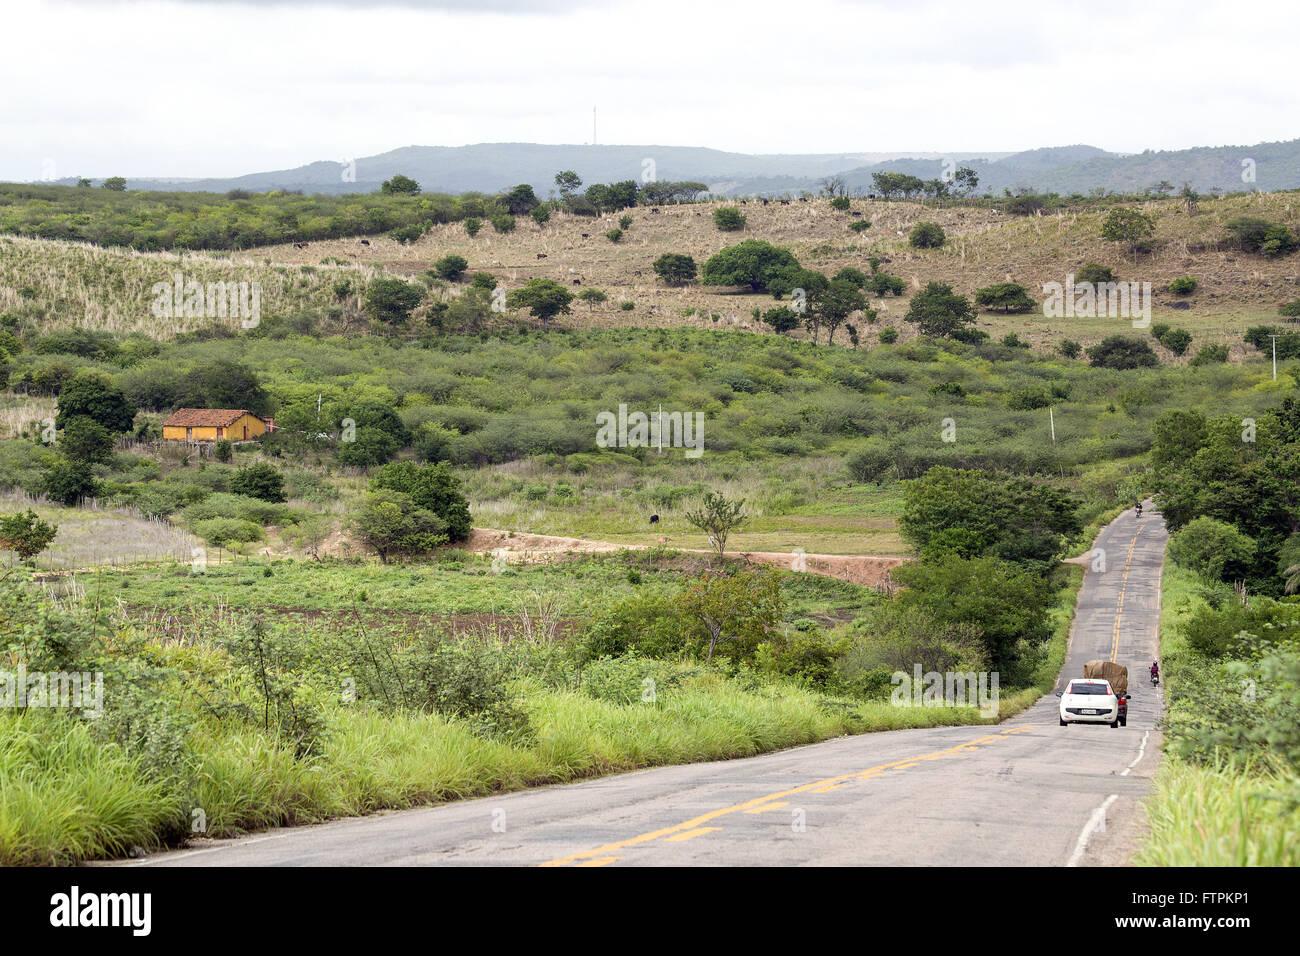 Cerrado vegetation in the EC-292 - Stock Image